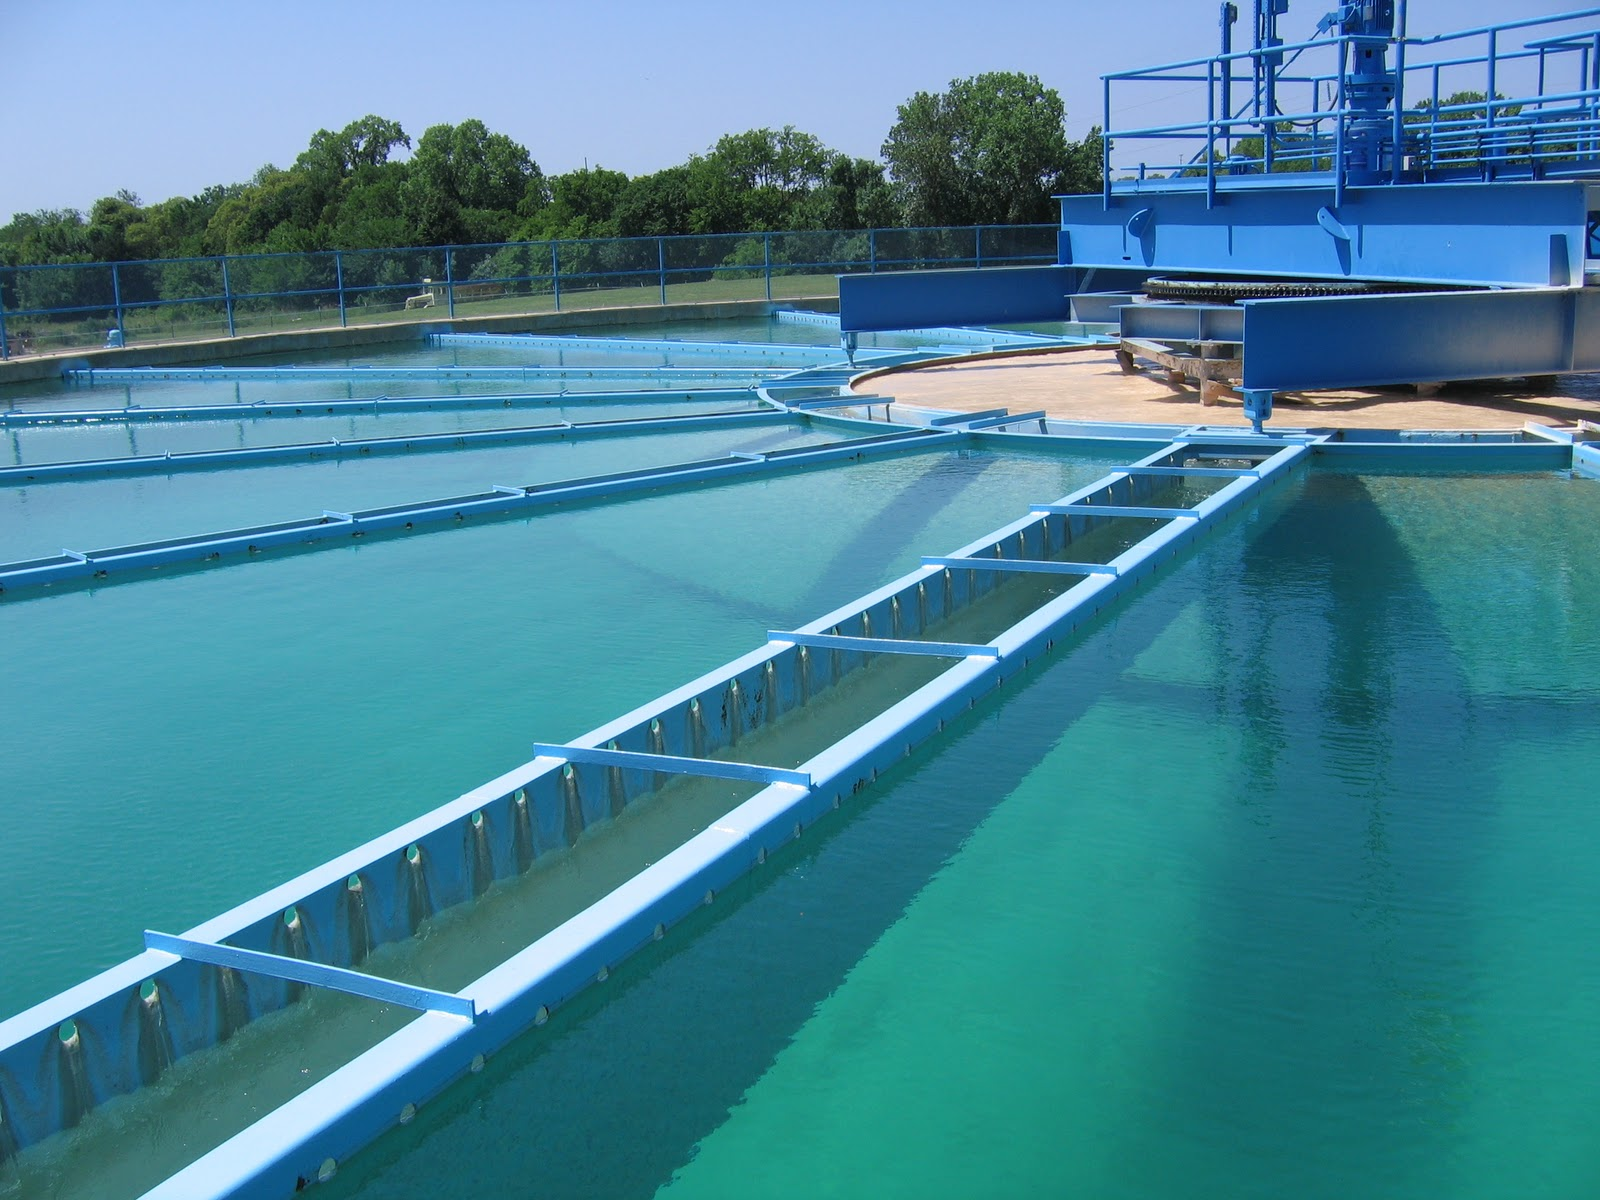 Tại sao cần xử lý nước thải theo quy chuẩn?